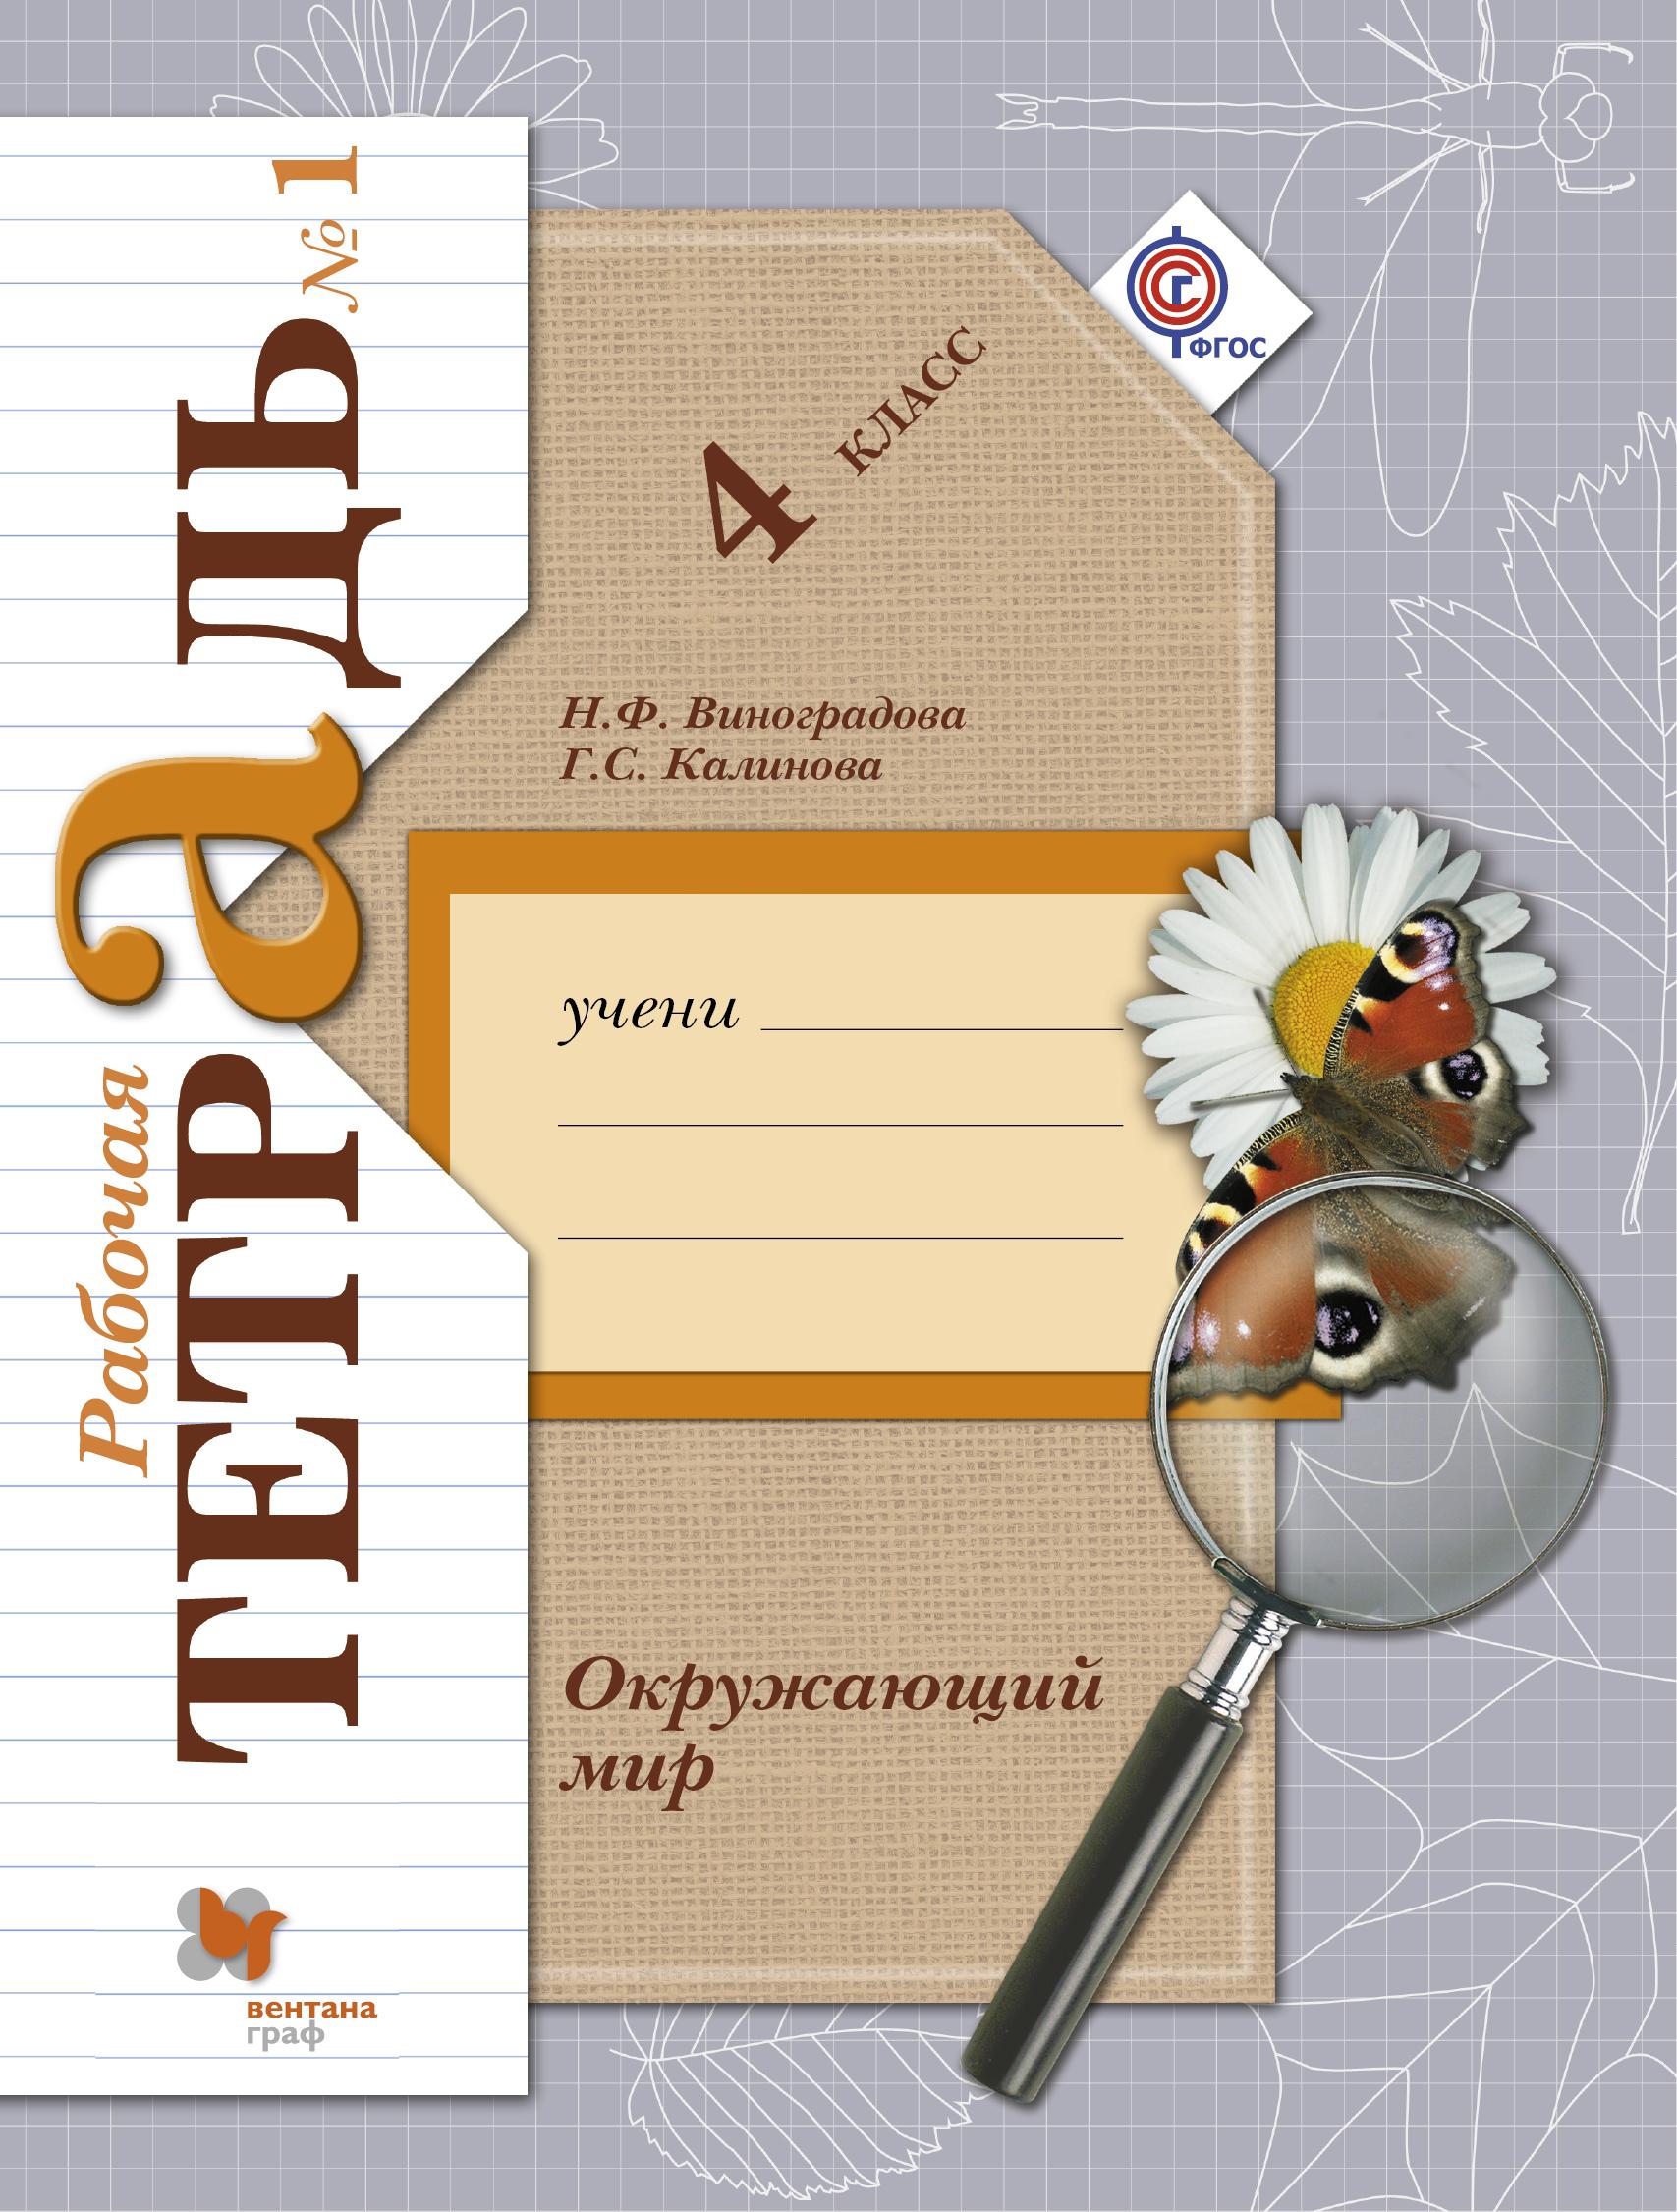 Н. Ф. Виноградова, Г. С. Калинова Окружающий мир. 4класс. Рабочая тетрадь №1